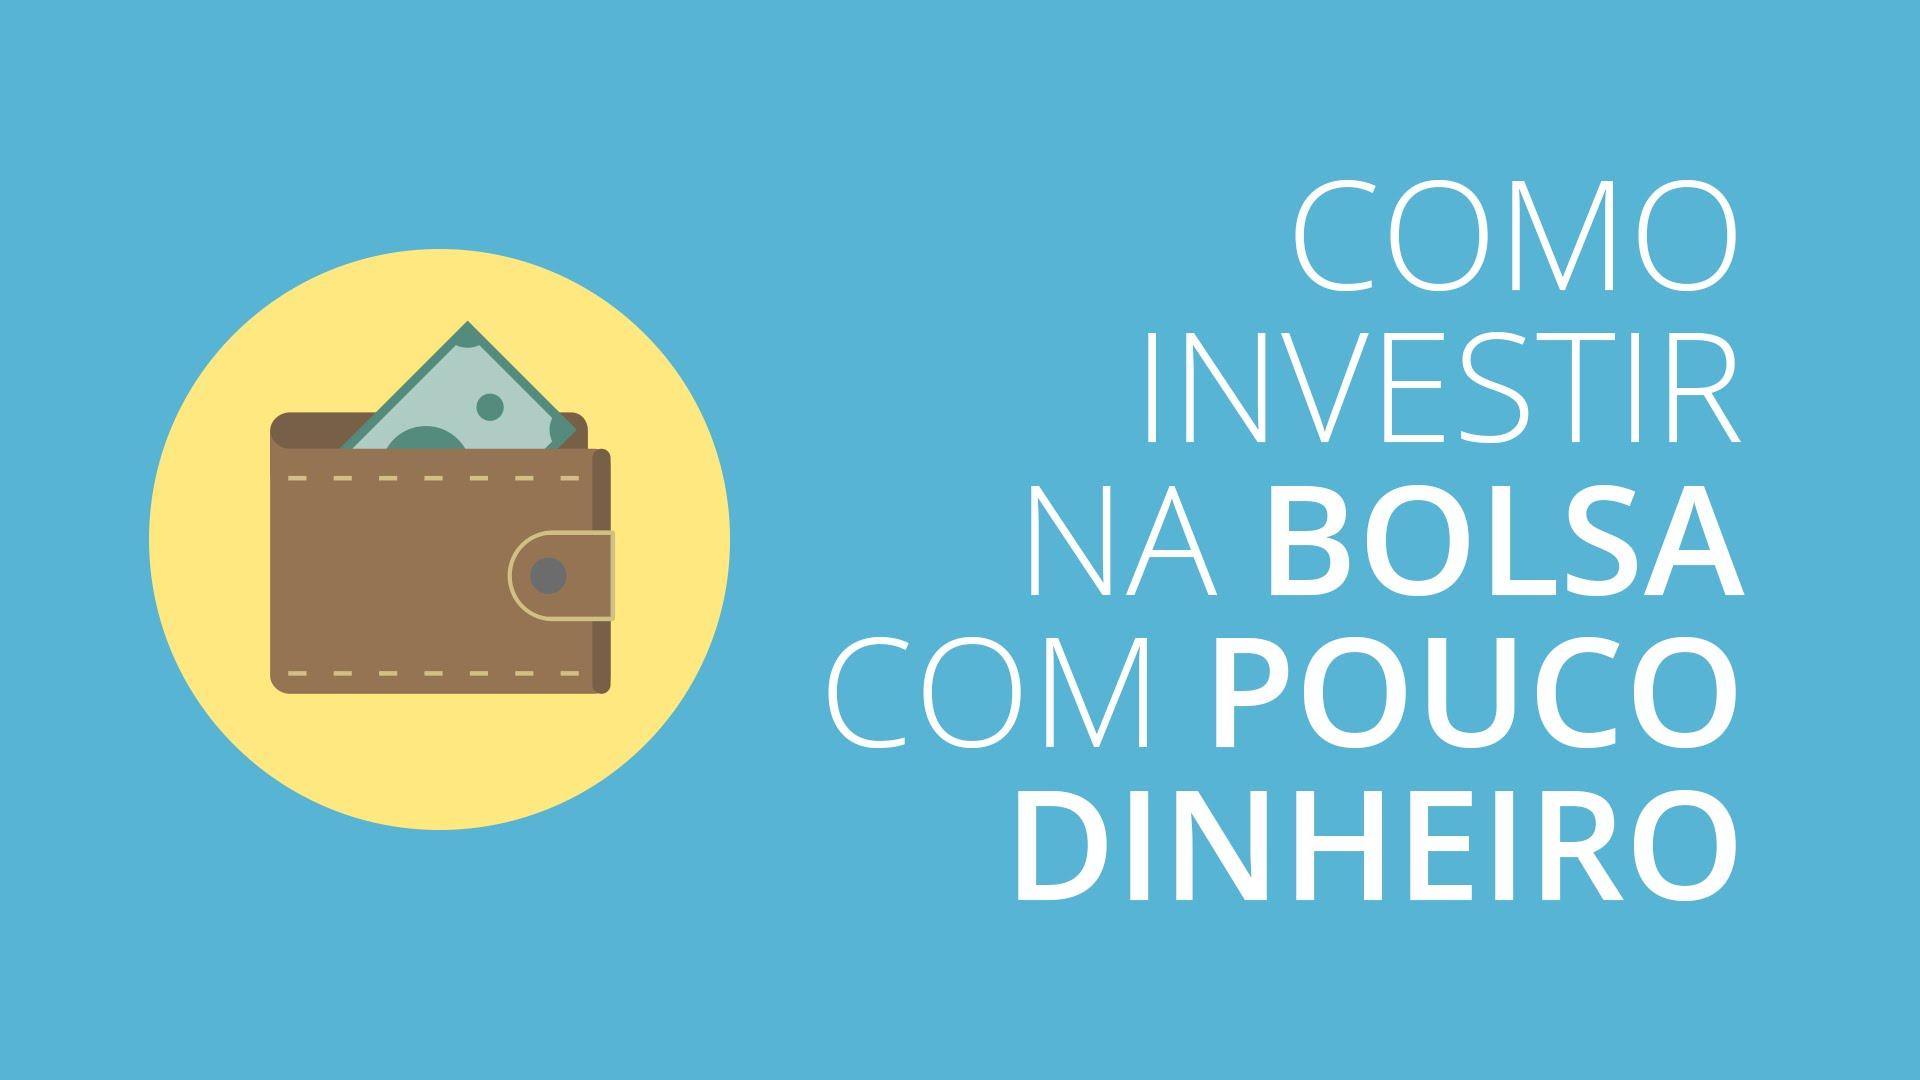 uma imagem sobre investir na bolsa com pouco dinheiro